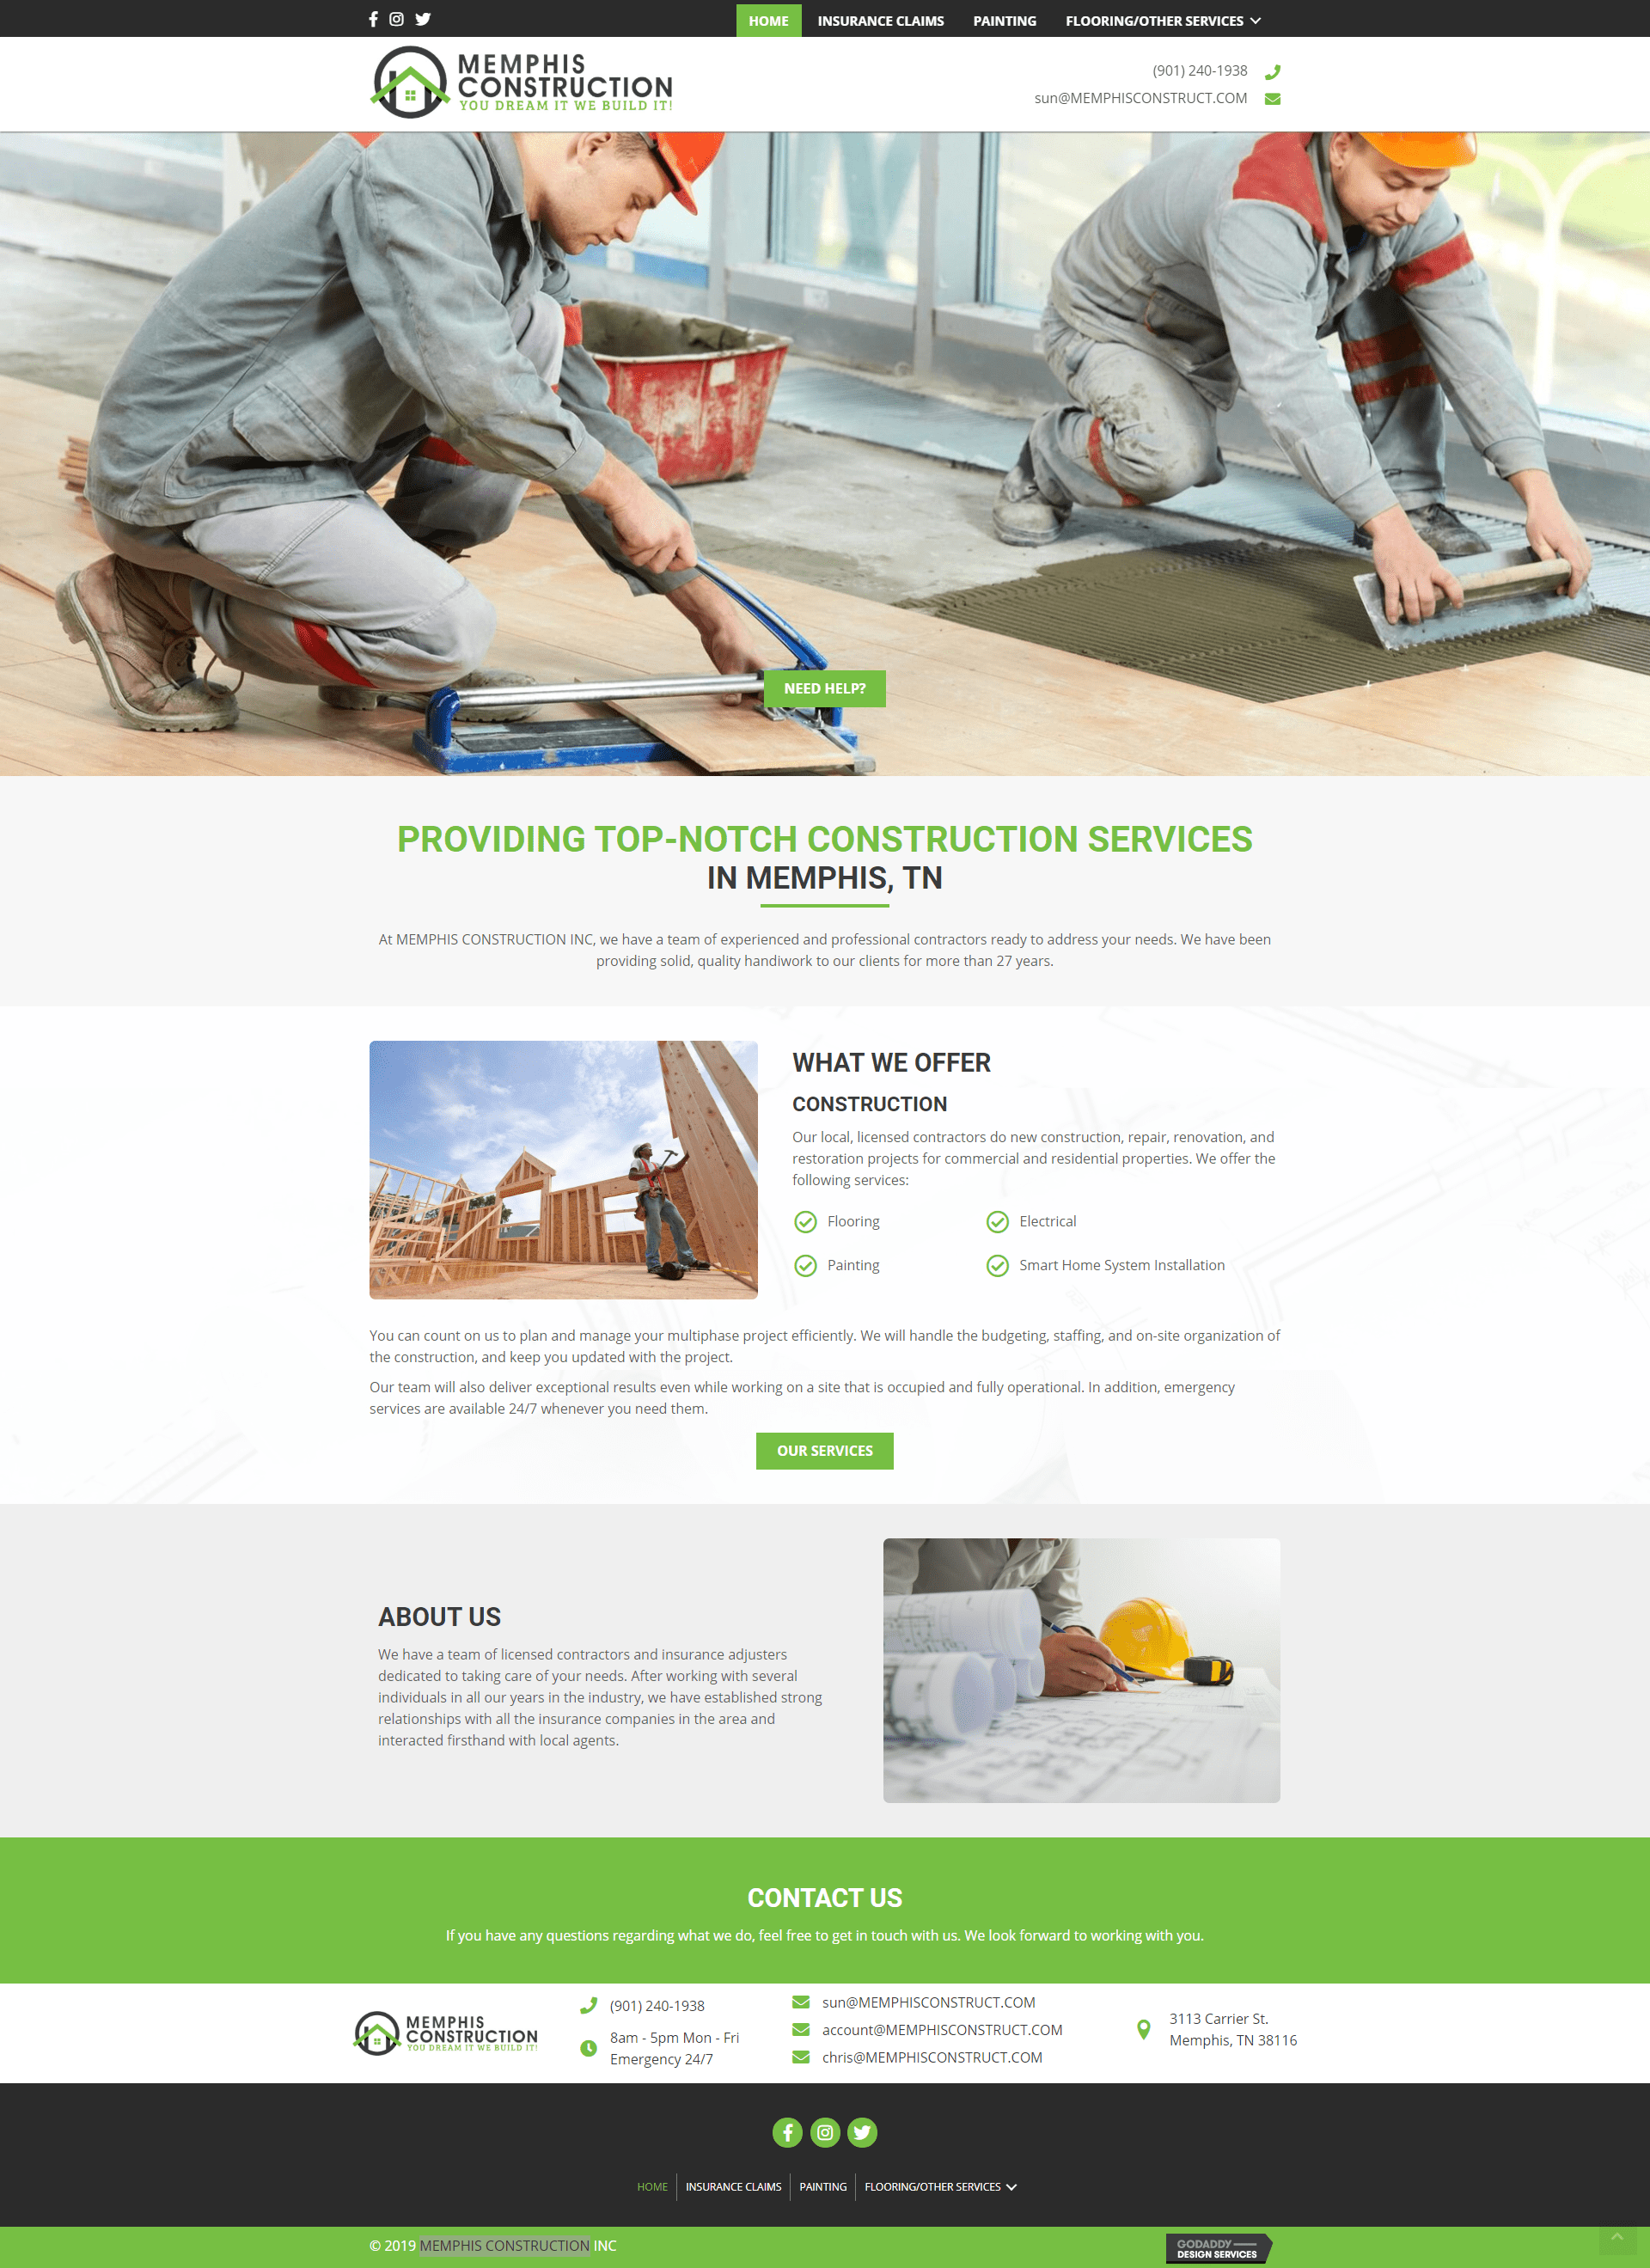 screencapture-Memphis Construction-desktop